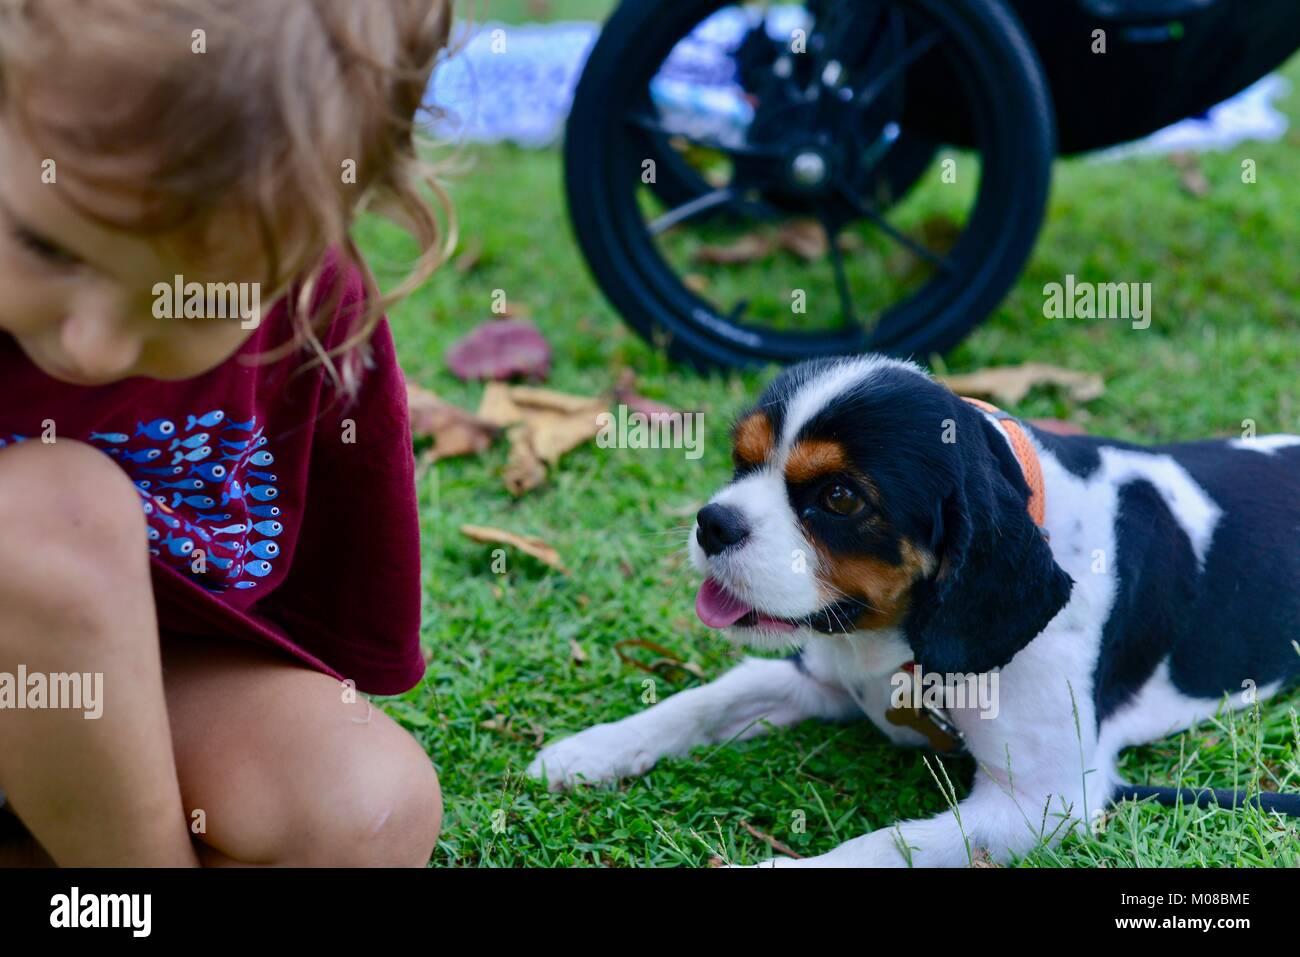 Joven y perros como compañeros, Townsville, Queensland, Australia Imagen De Stock